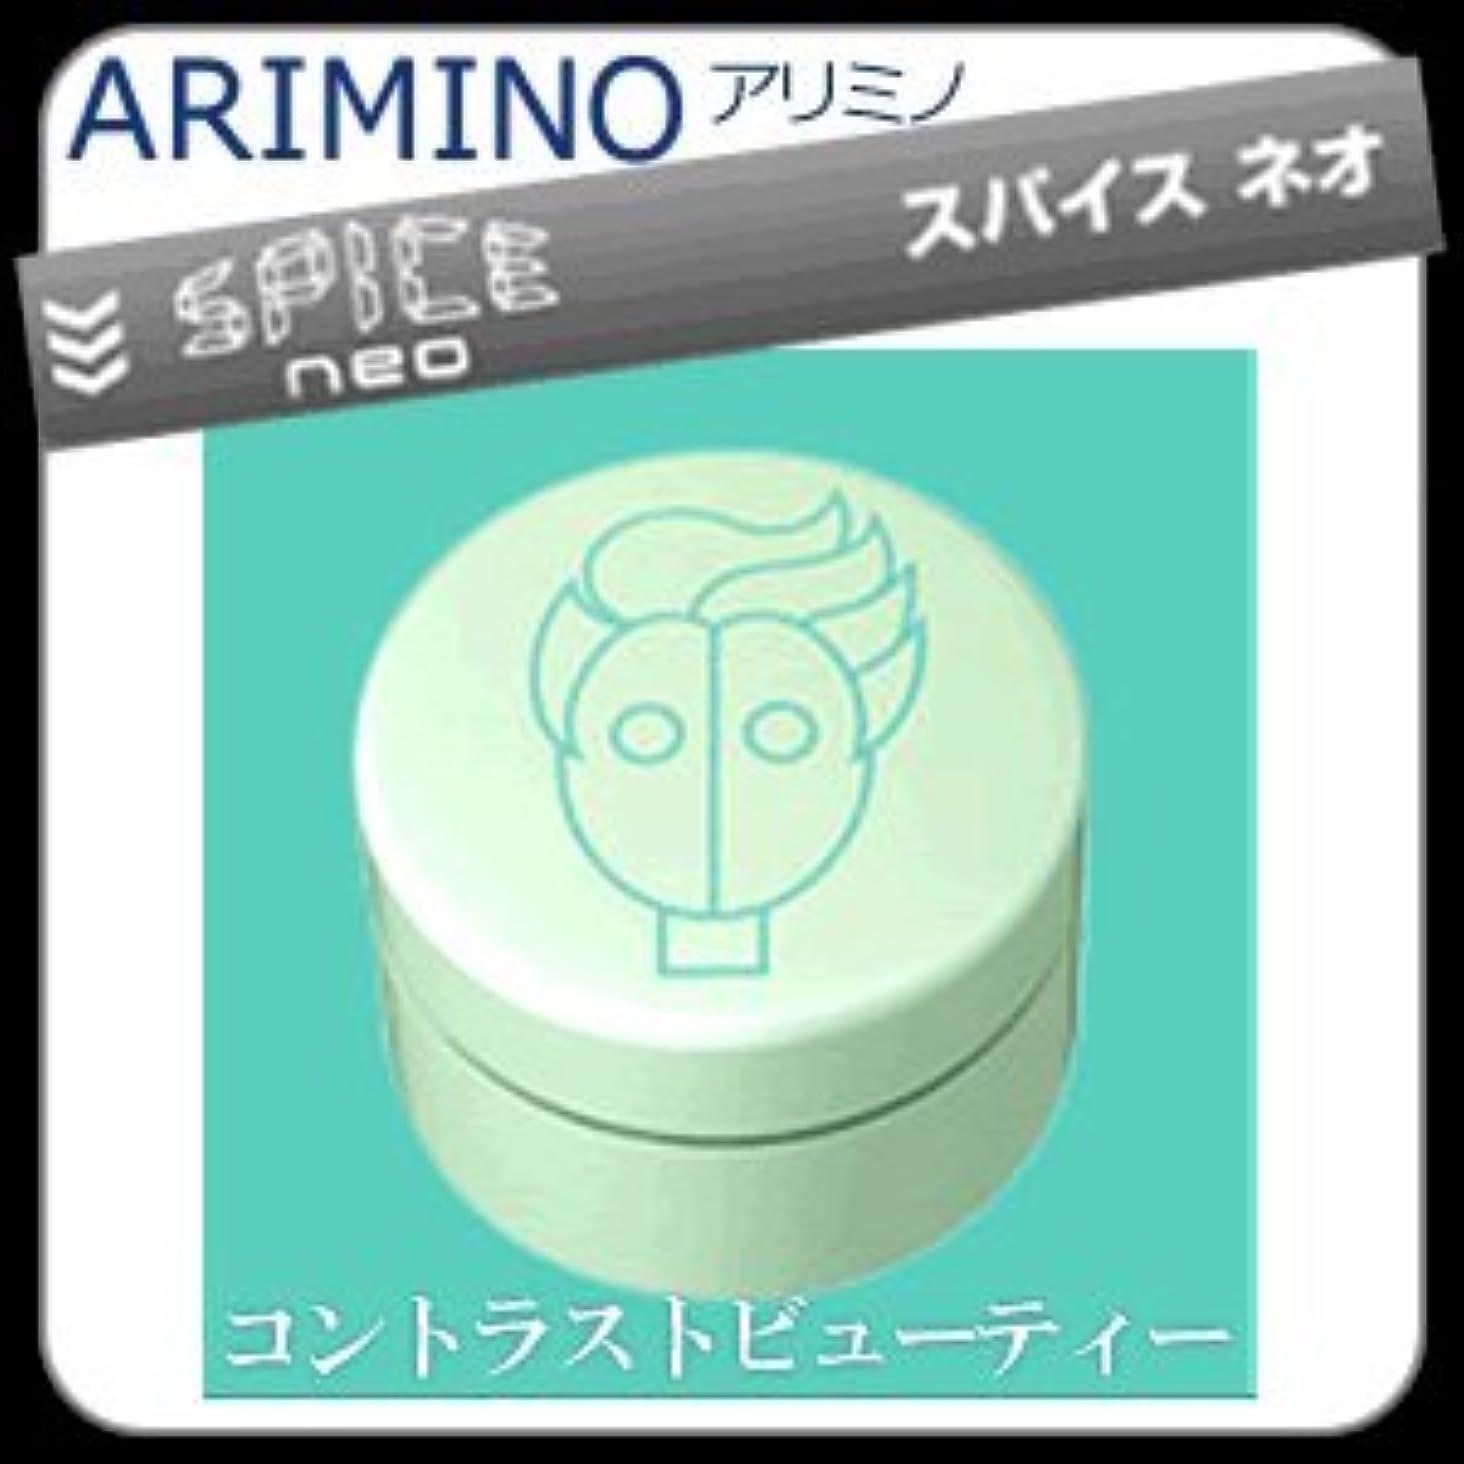 怒るリスナーハプニング【X5個セット】 アリミノ スパイスネオ GREASE-WAX グリースワックス 100g ARIMINO SPICE neo